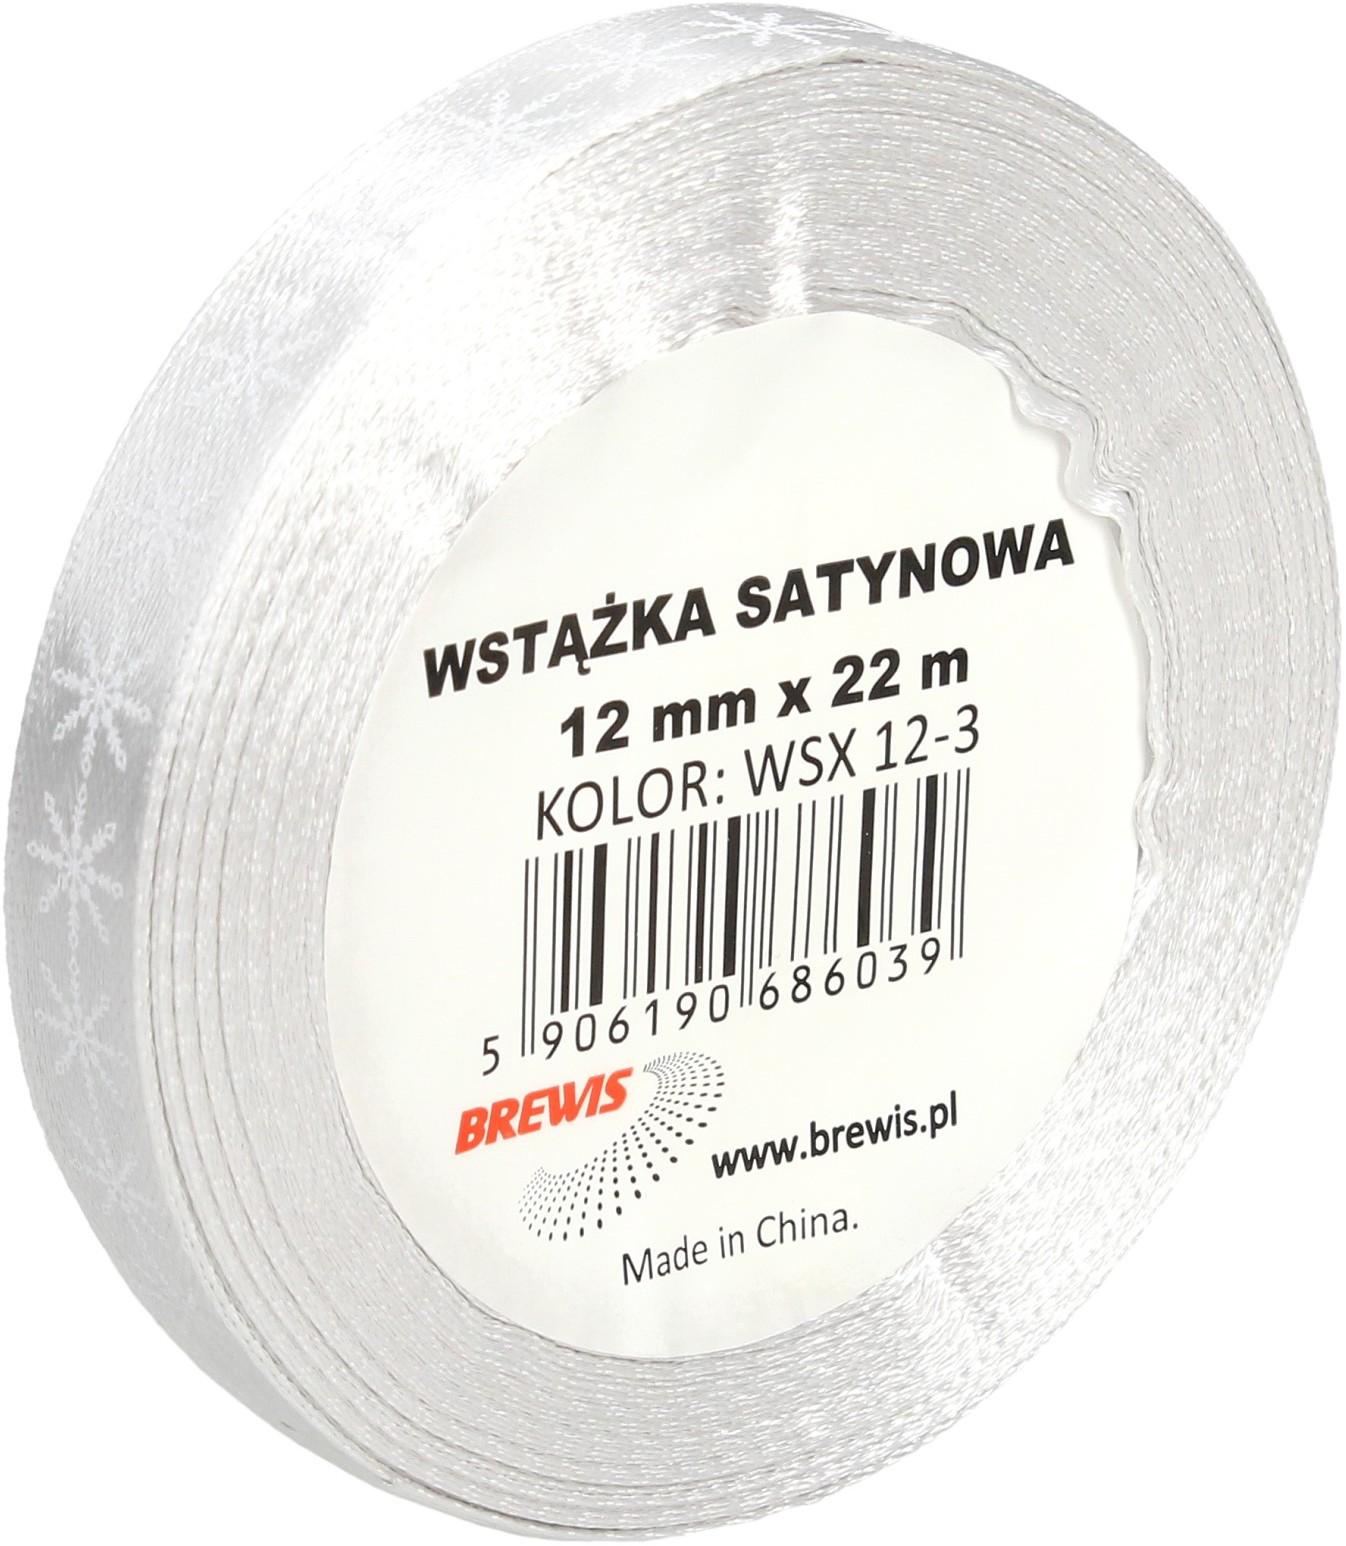 Brewis Wstążka satynowa 12mmx22m śnieżynki biało-srebrne